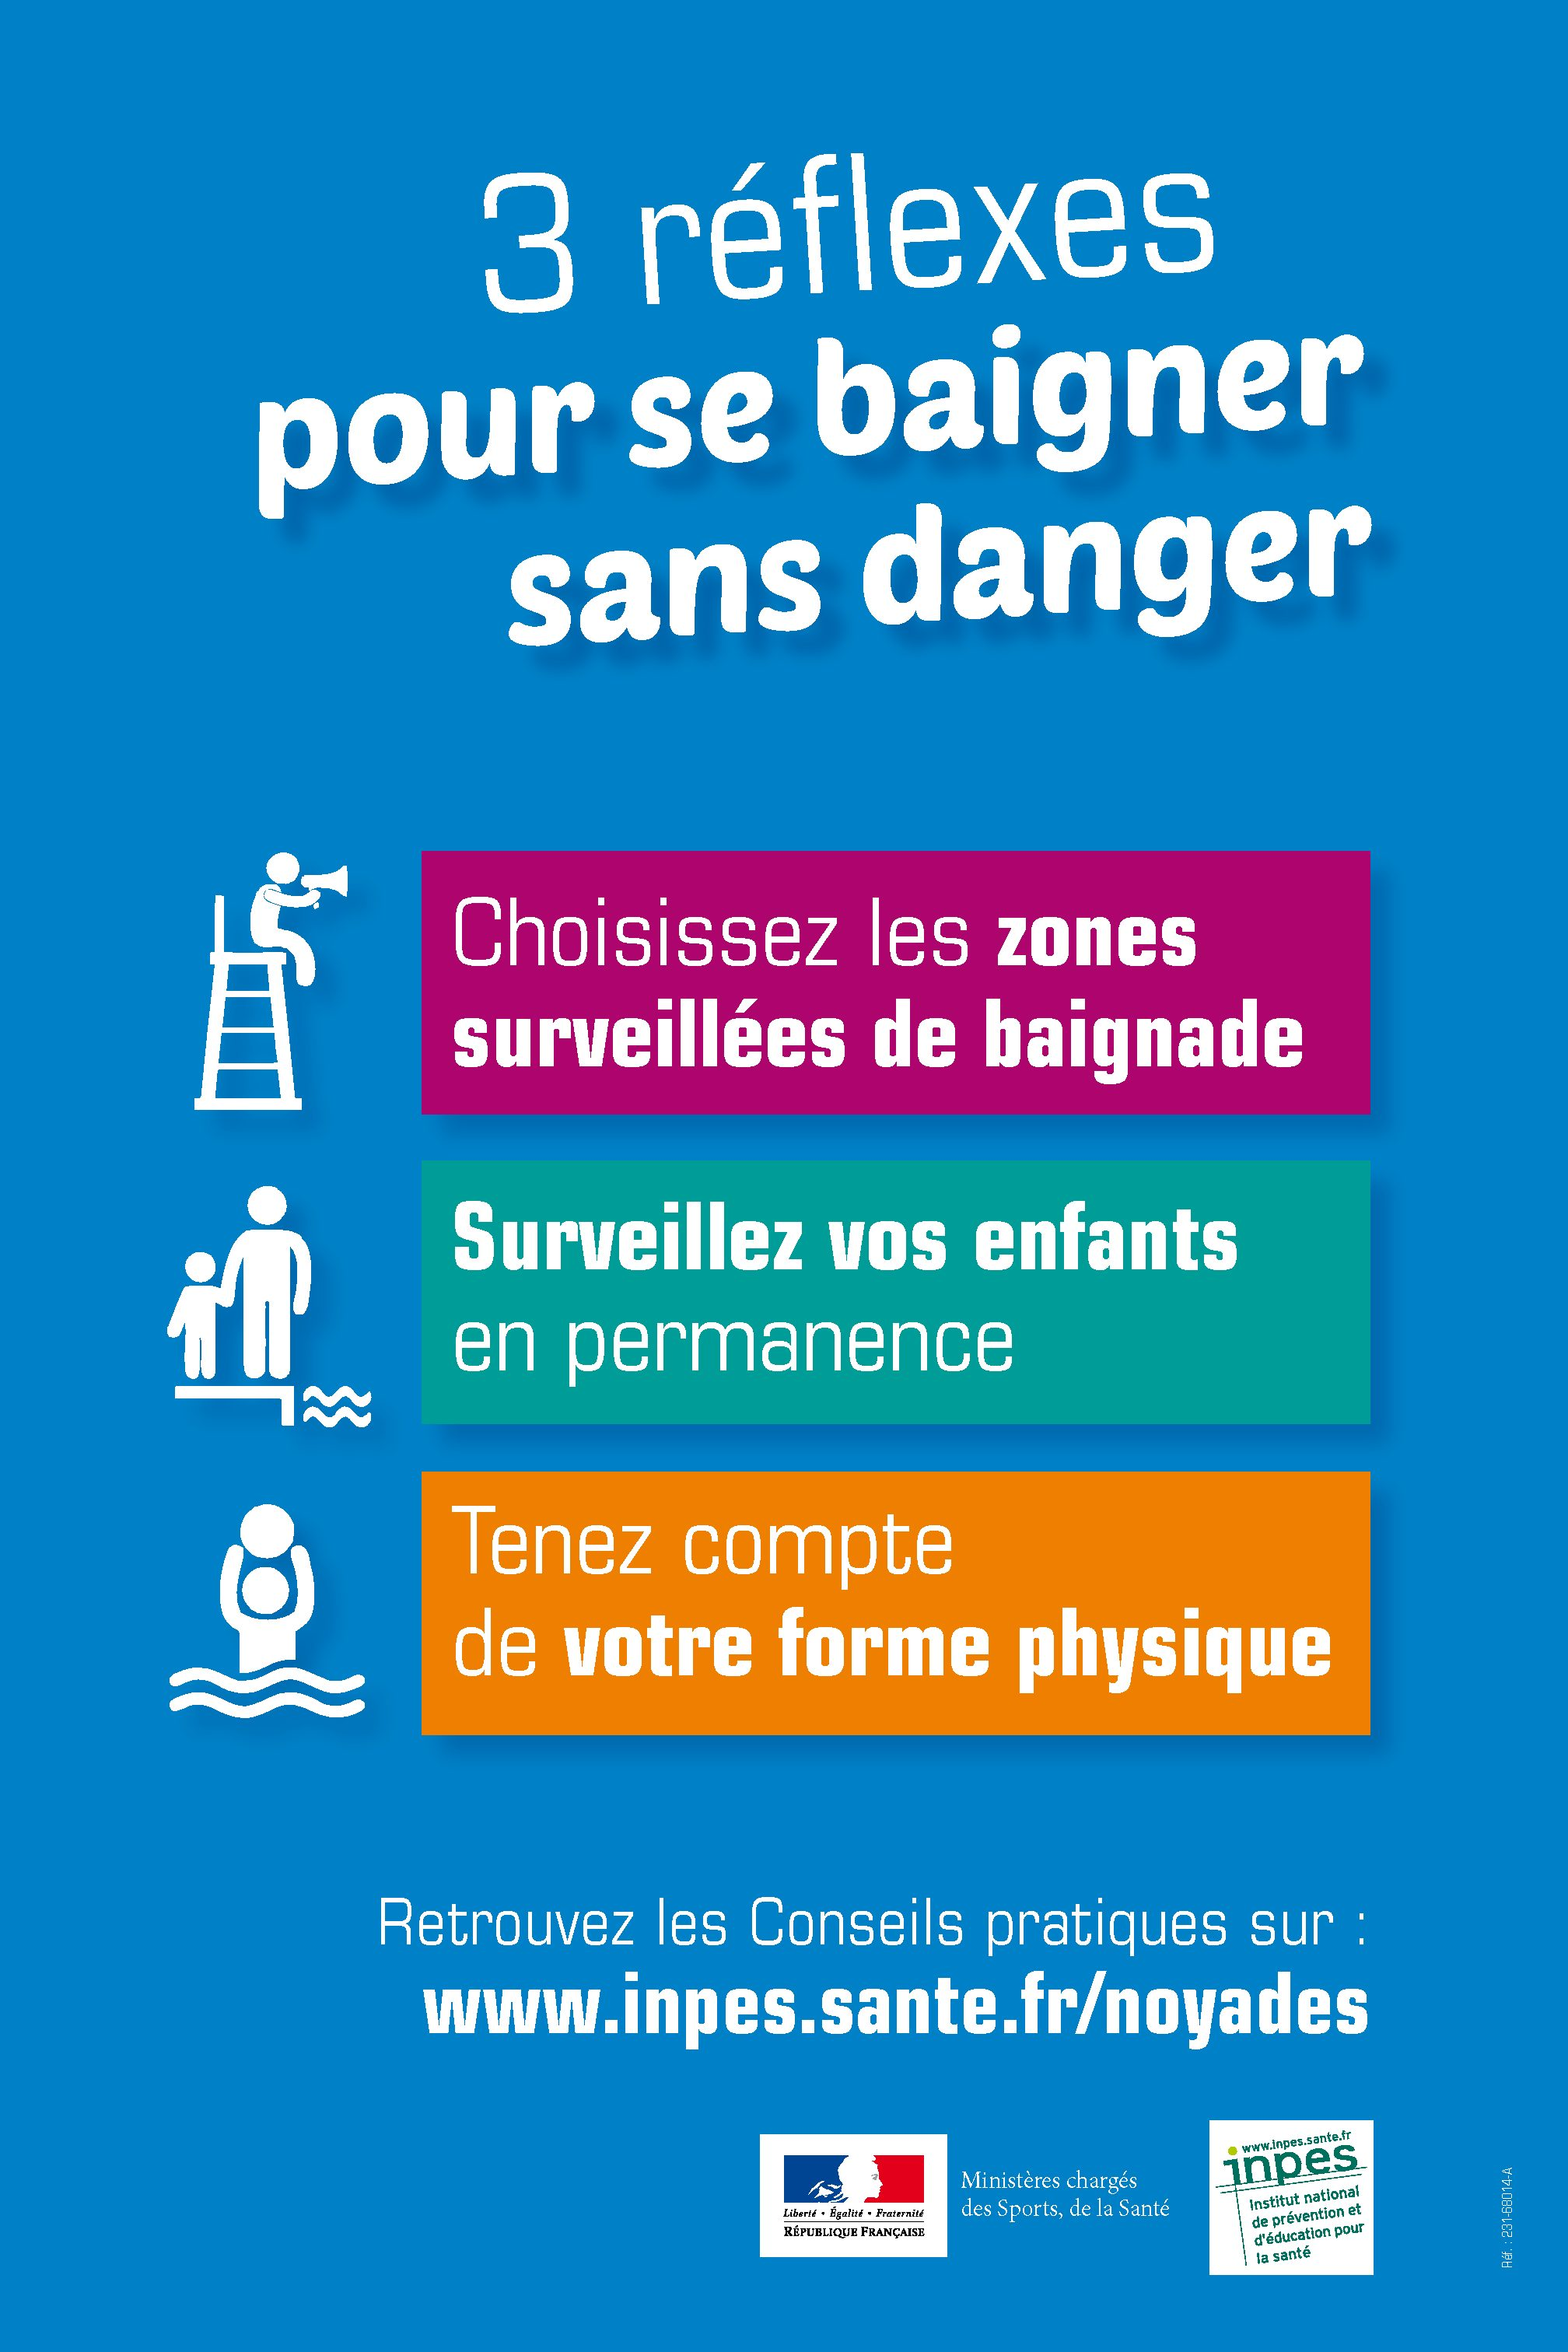 Campagne de prévention des risques liés à la baignade